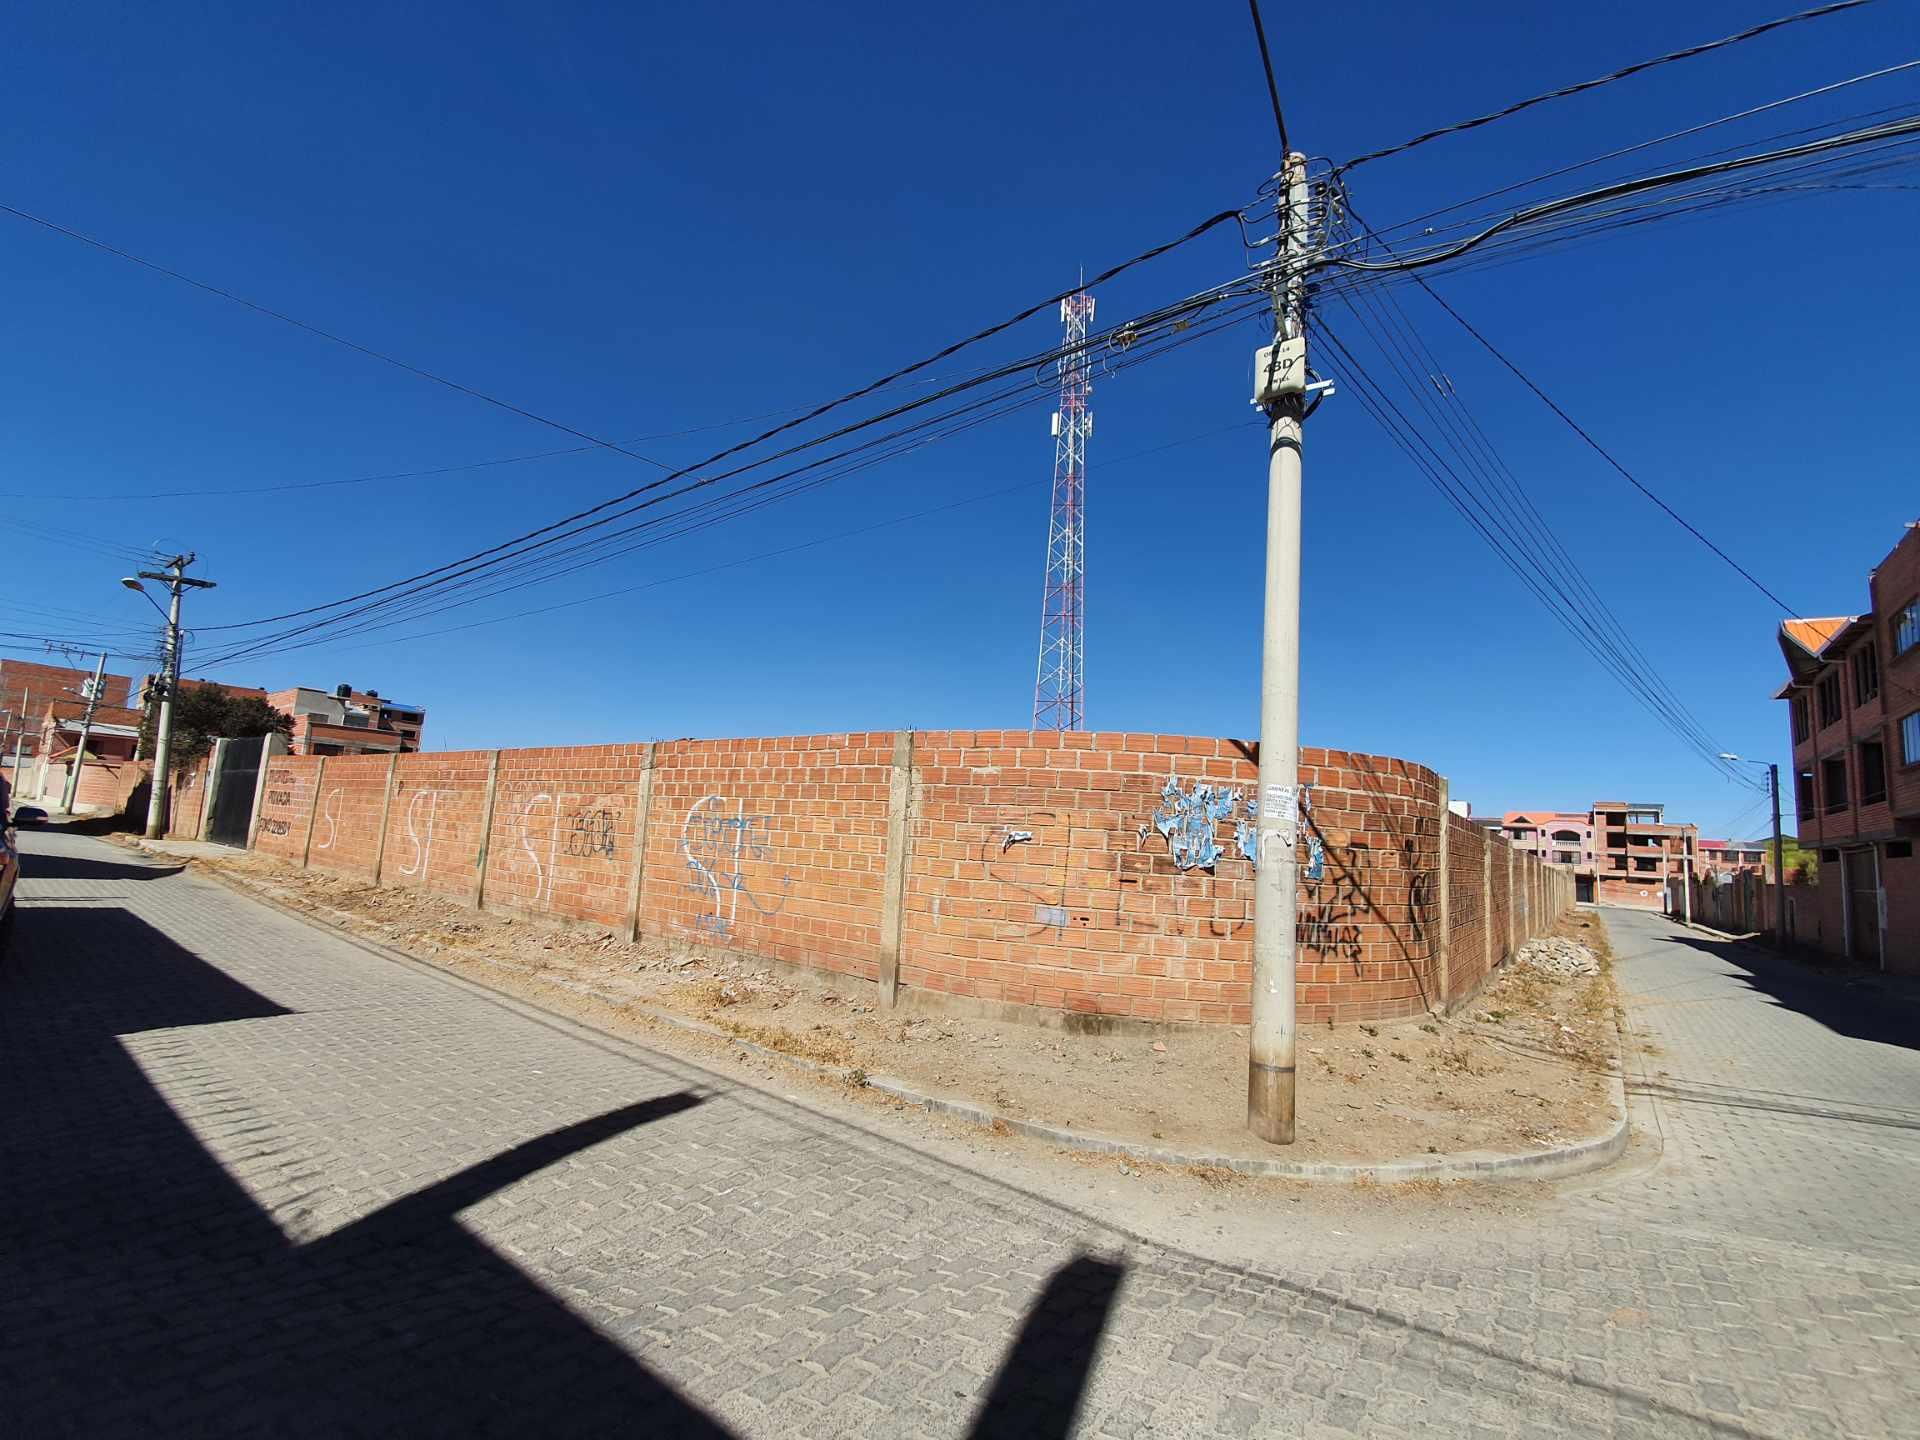 Terreno en Venta A 4 cuadras de Cruce a Villa Adela y a una de Avenida Bolivia  Foto 1